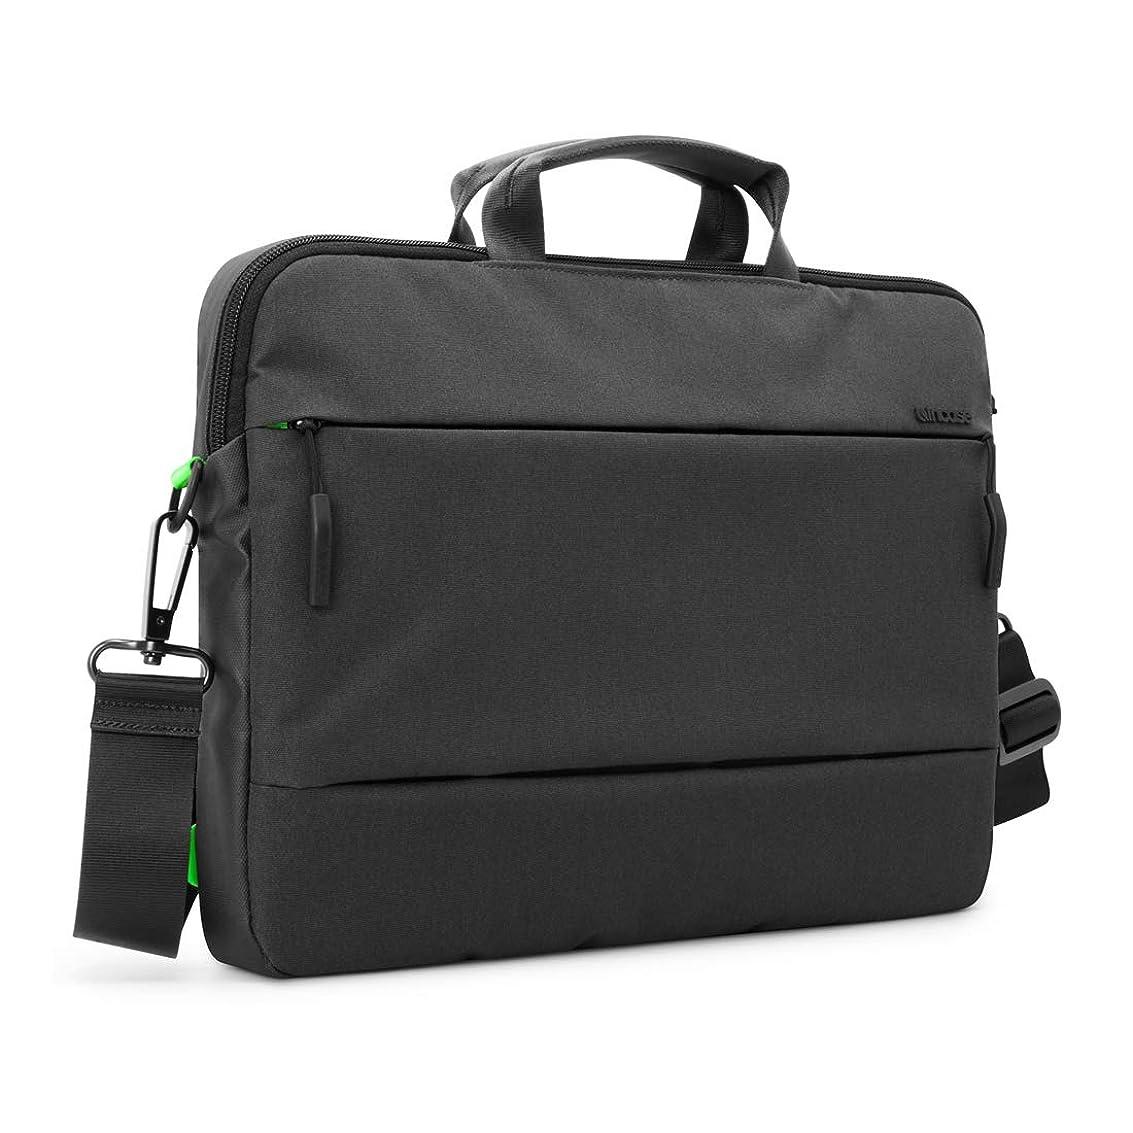 期限オーストラリア人保証金(インケース) Incase ブリーフ バッグ MacBook Pro 15 メンズ ビジネス 鞄 City-Brief【CL55458】01.Black